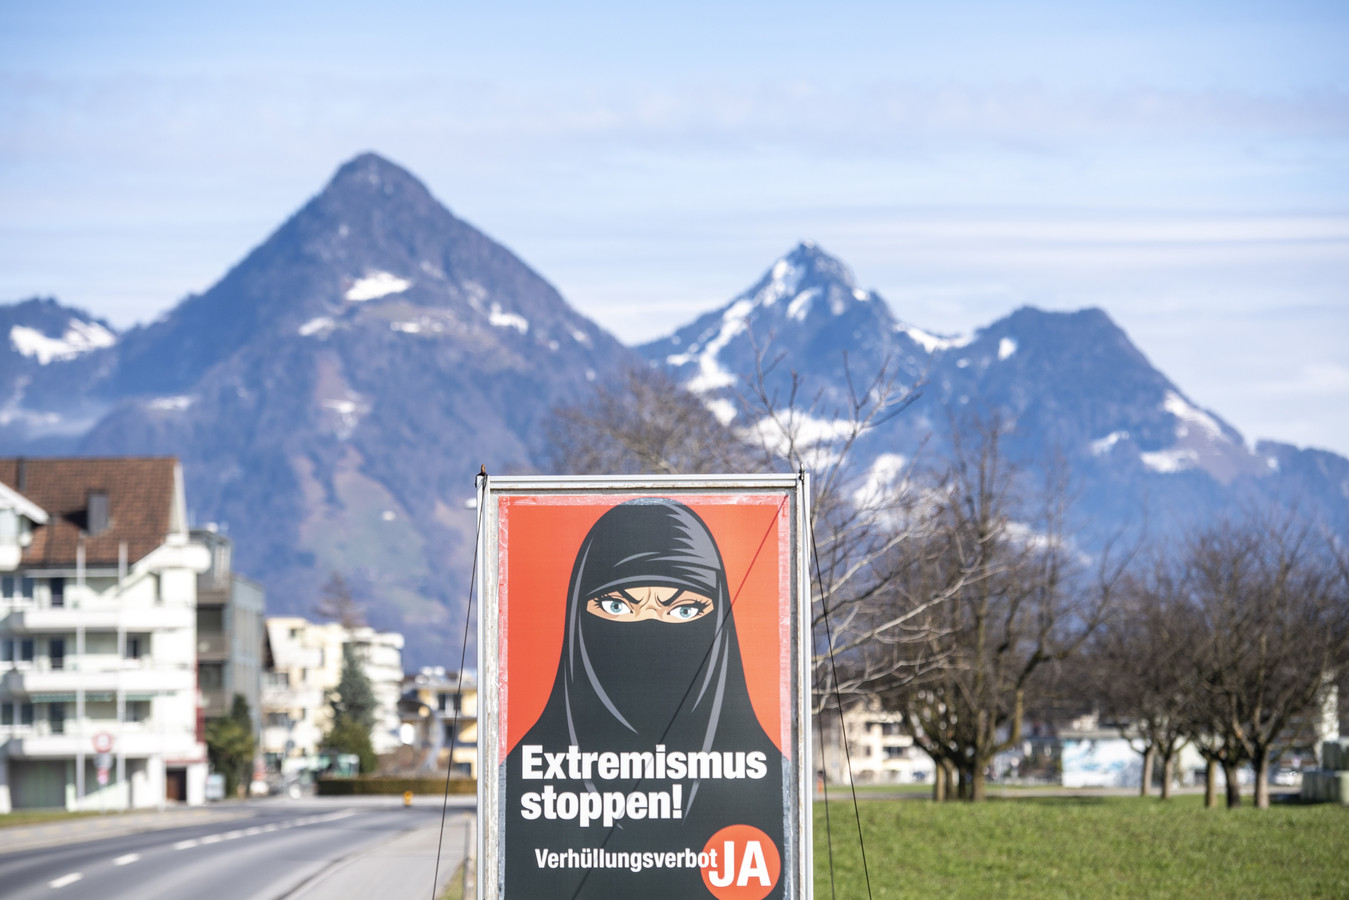 Een affiche van voorstanders van het boerkaverbod in het Zwitserse plaatsje Oberdorf.